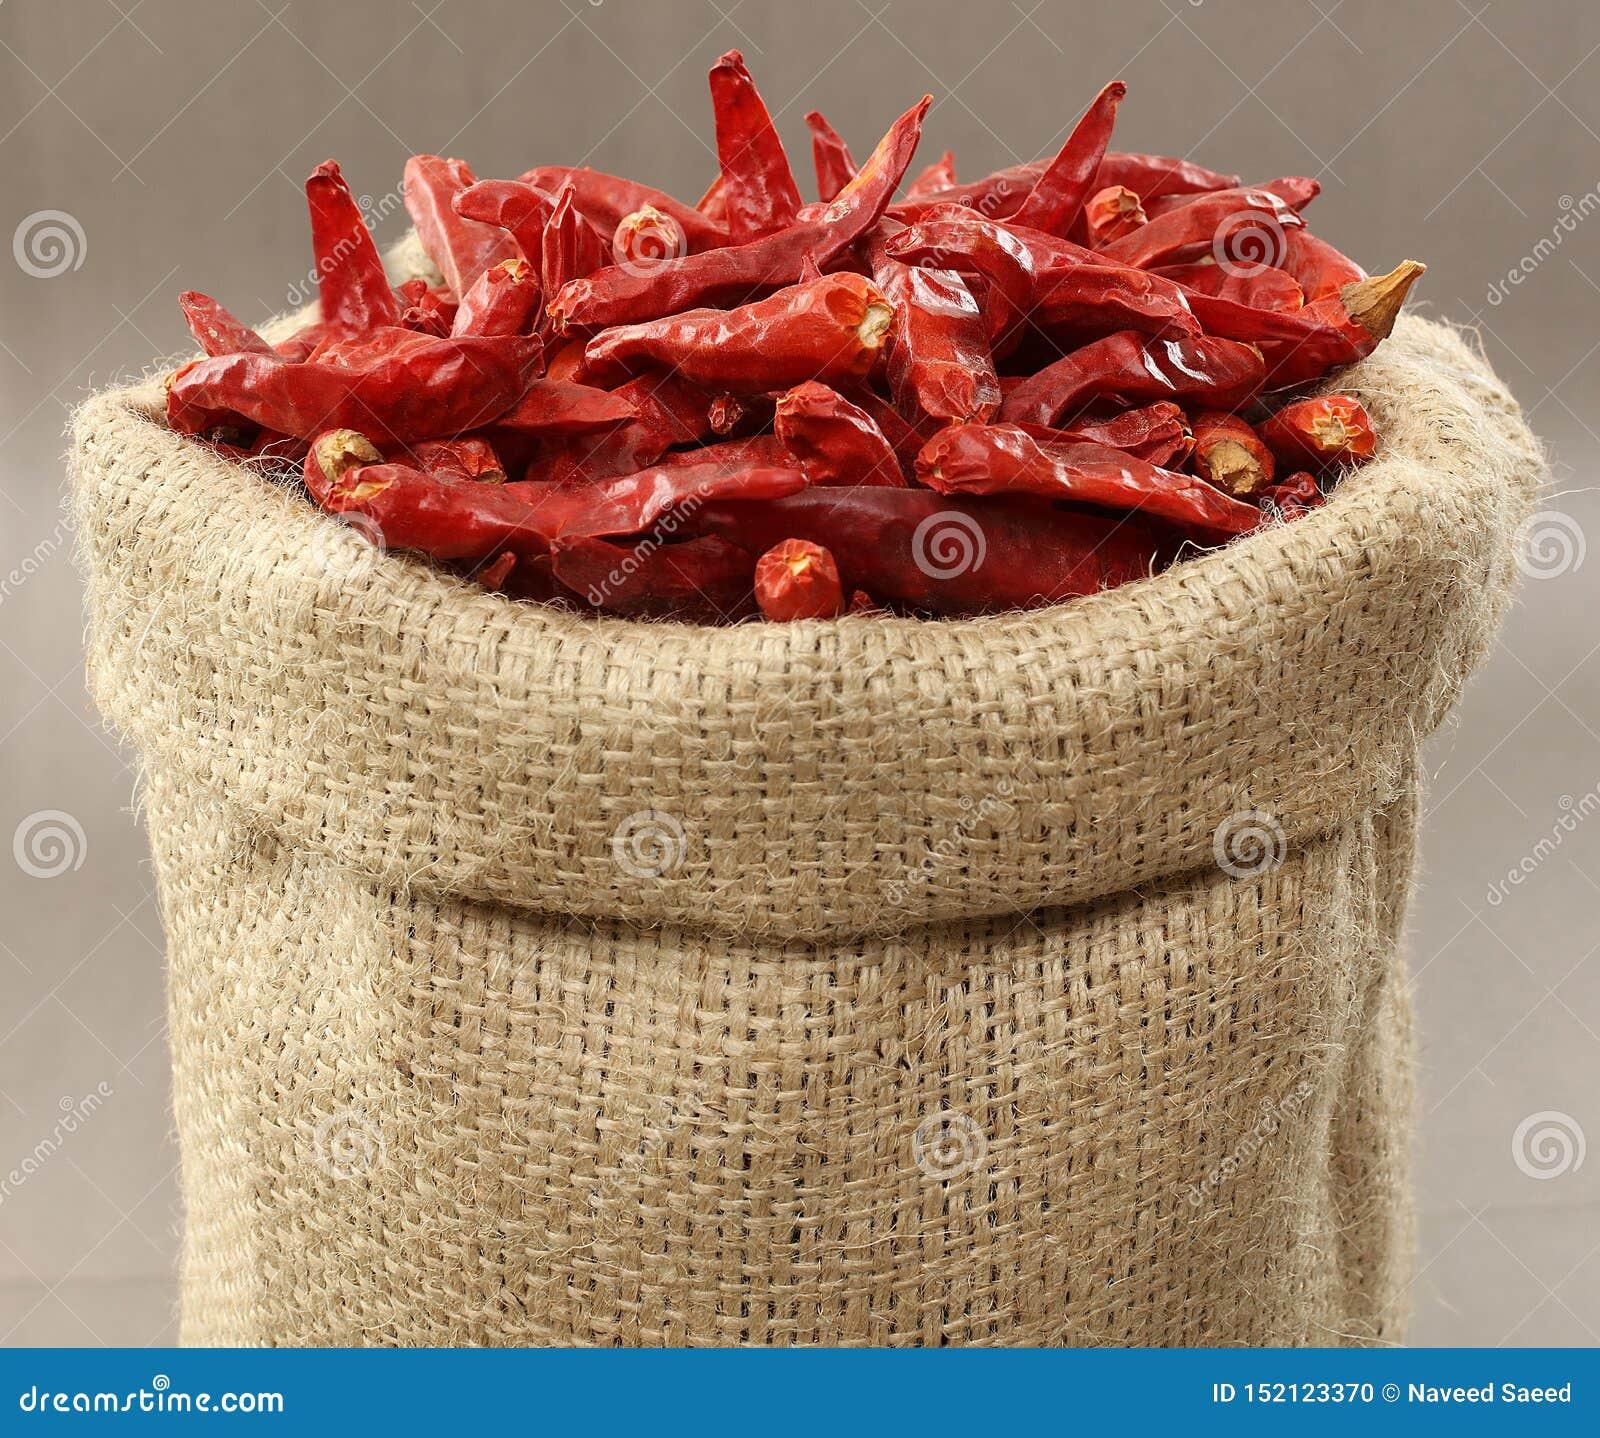 Los chiles secos rojos empaquetan